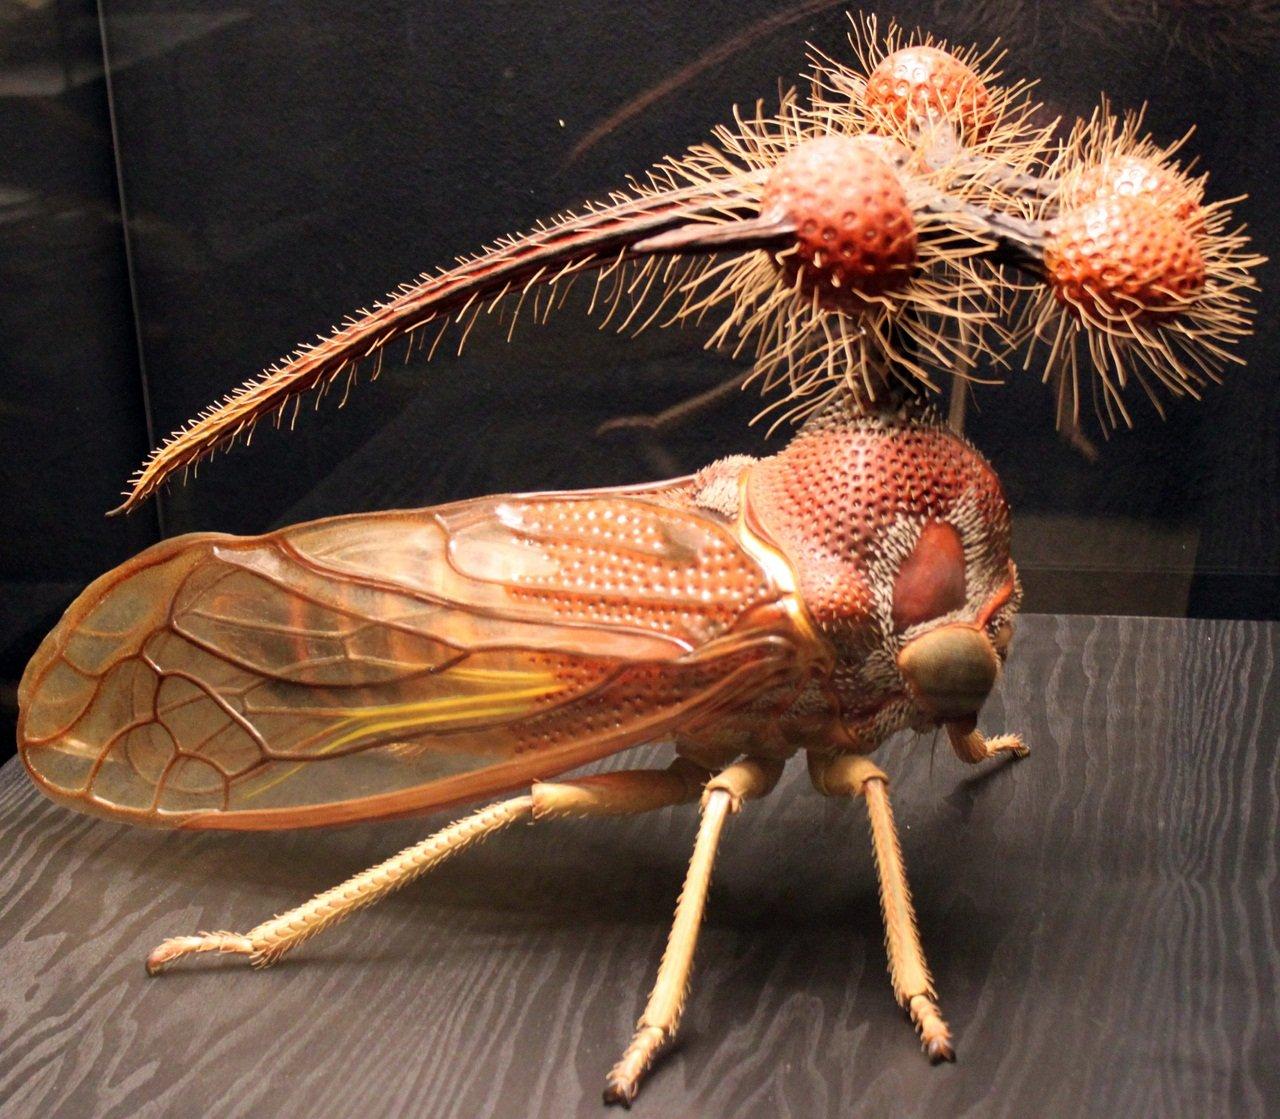 Цикада насекомое. описание, особенности, виды, образ жизни и среда обитания цикады | живность.ру